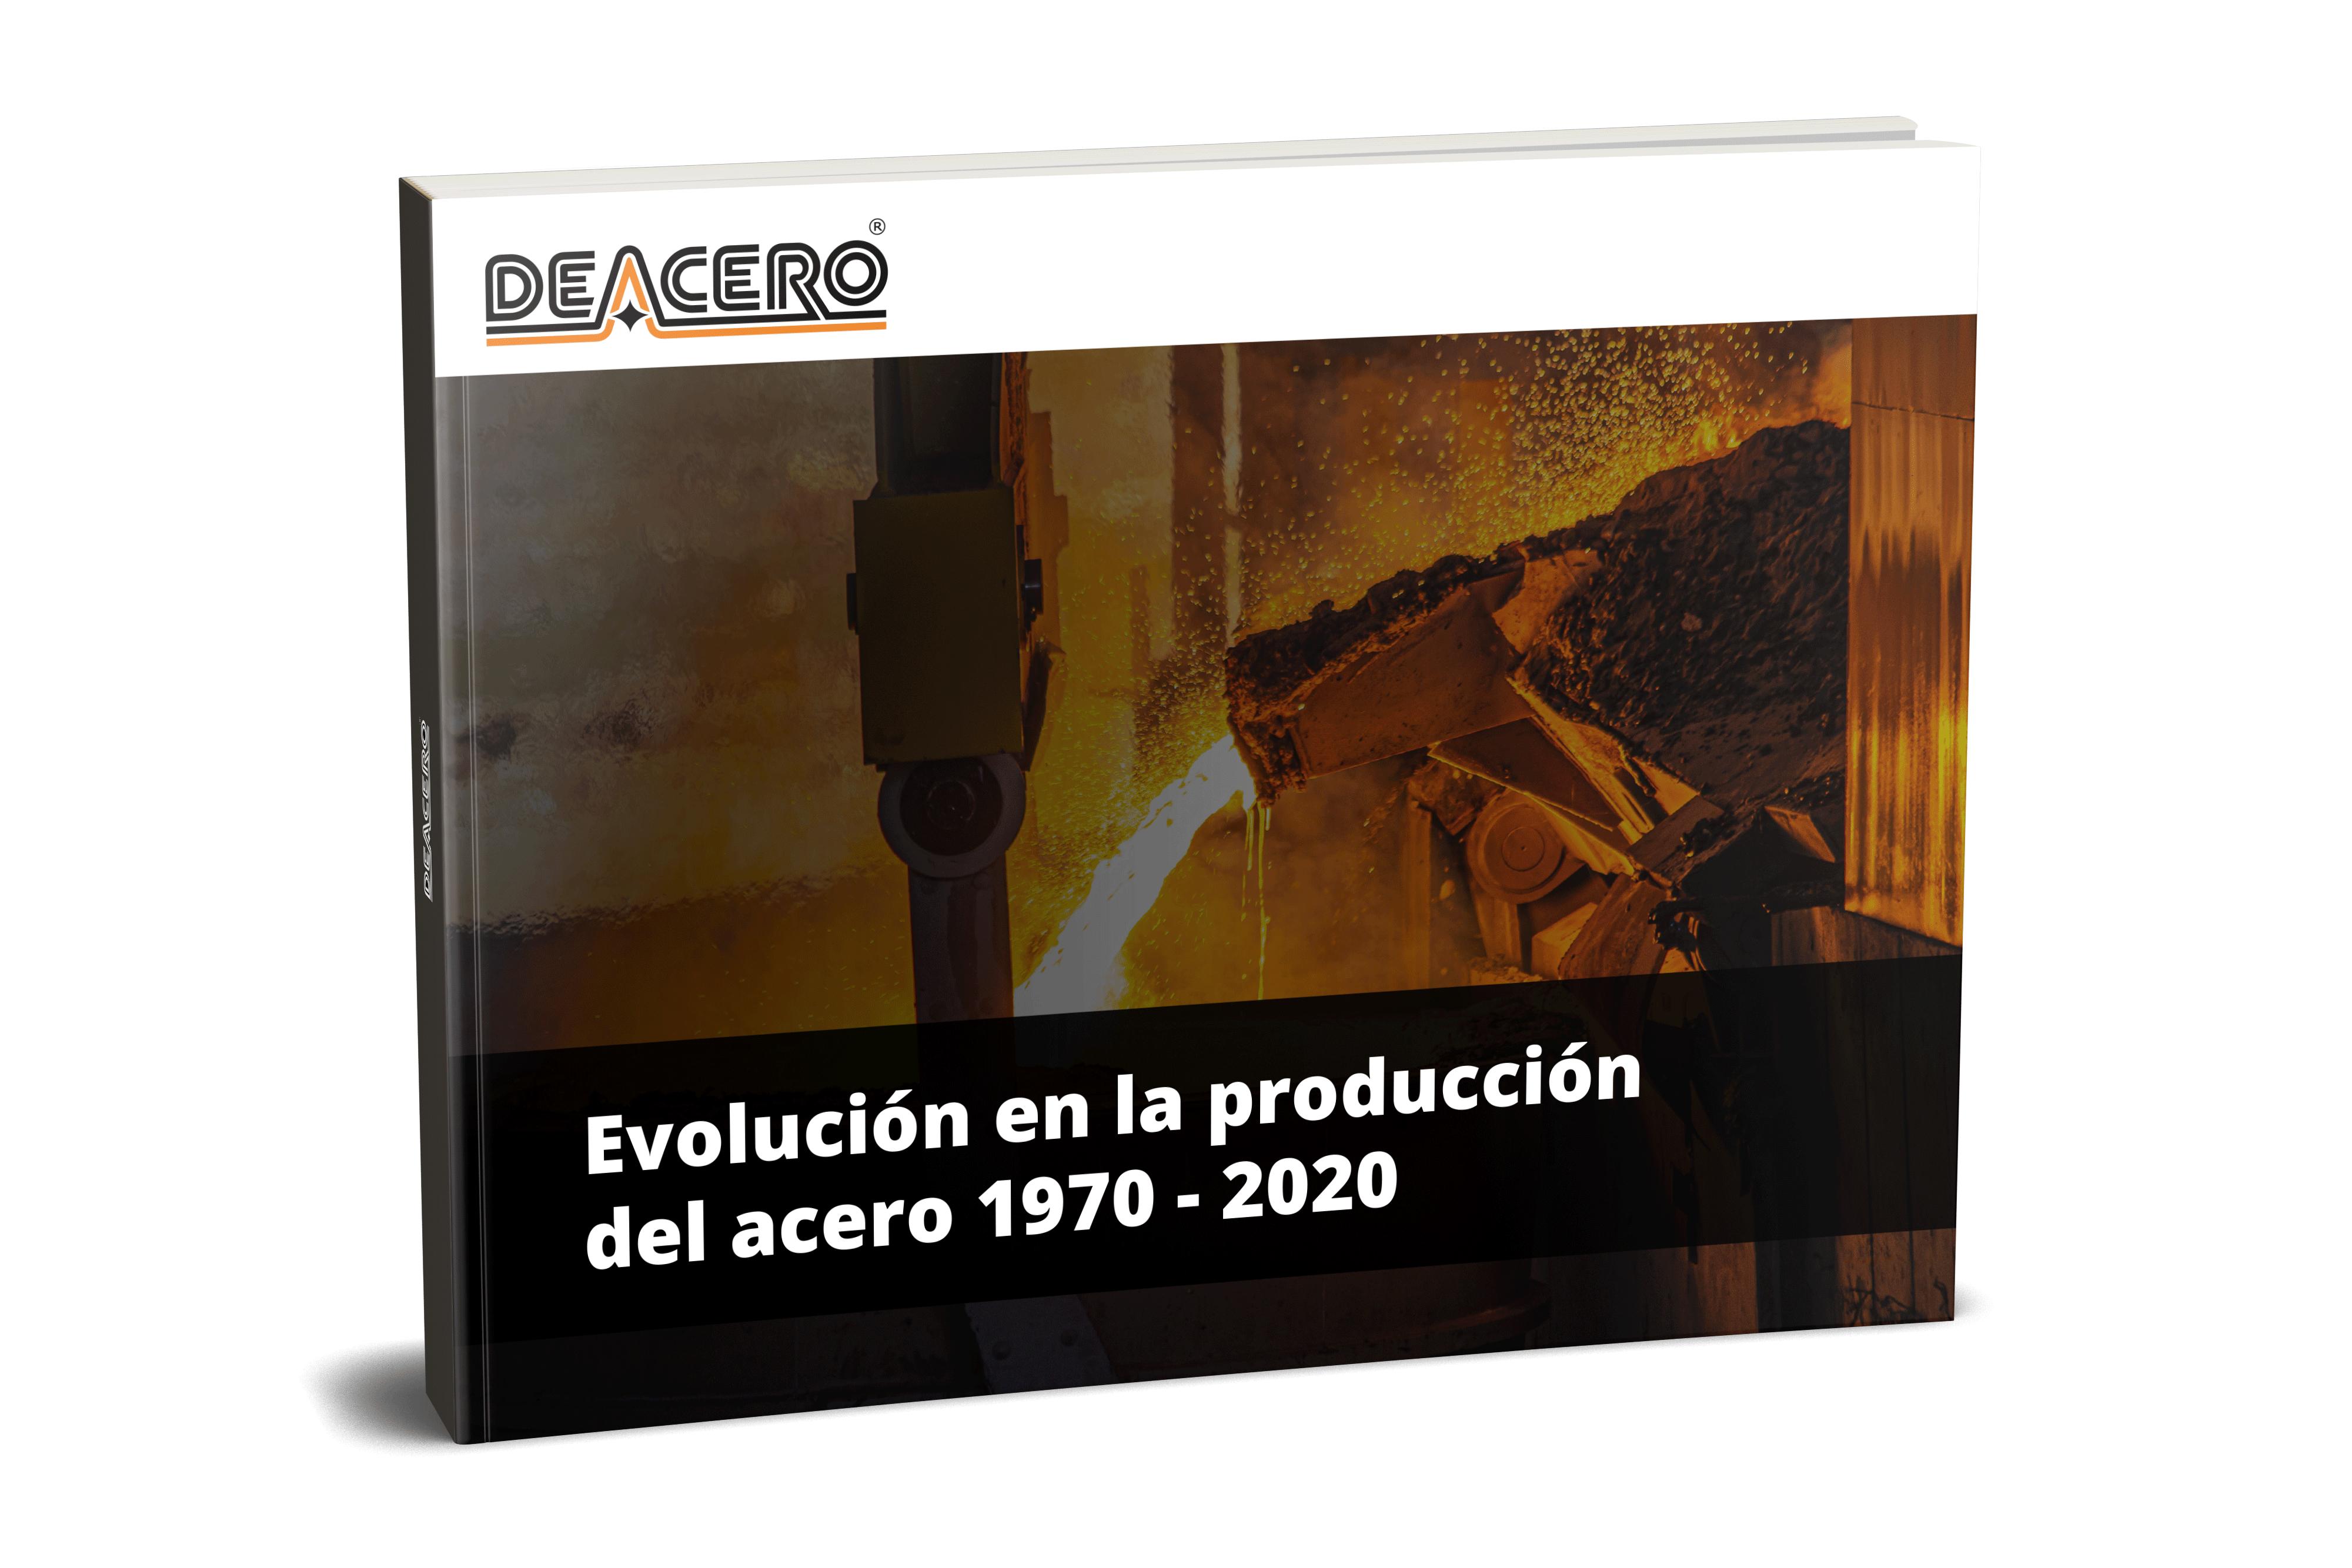 Evolución de la producción del acero 1970 - 2020